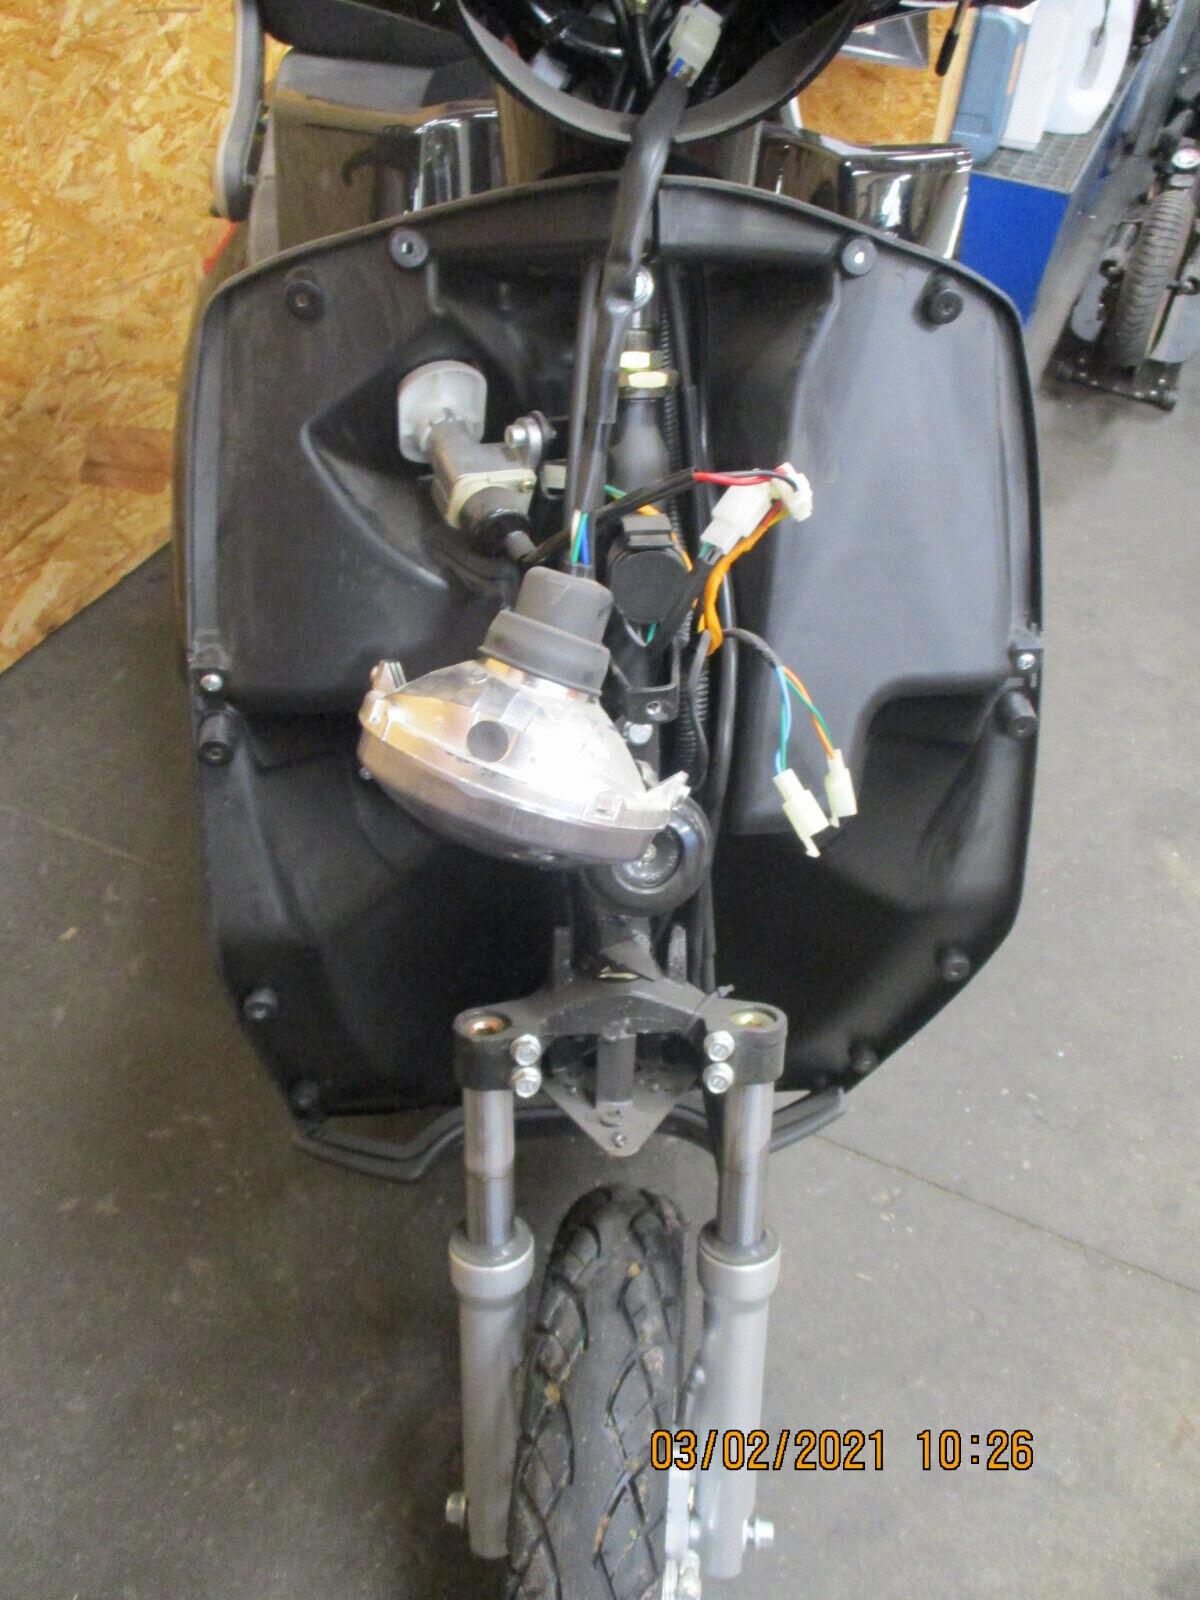 Elektroroller LuXXon E3800 - Senioren E-Dreirad 800 Watt, max 20 km/h & 63 km